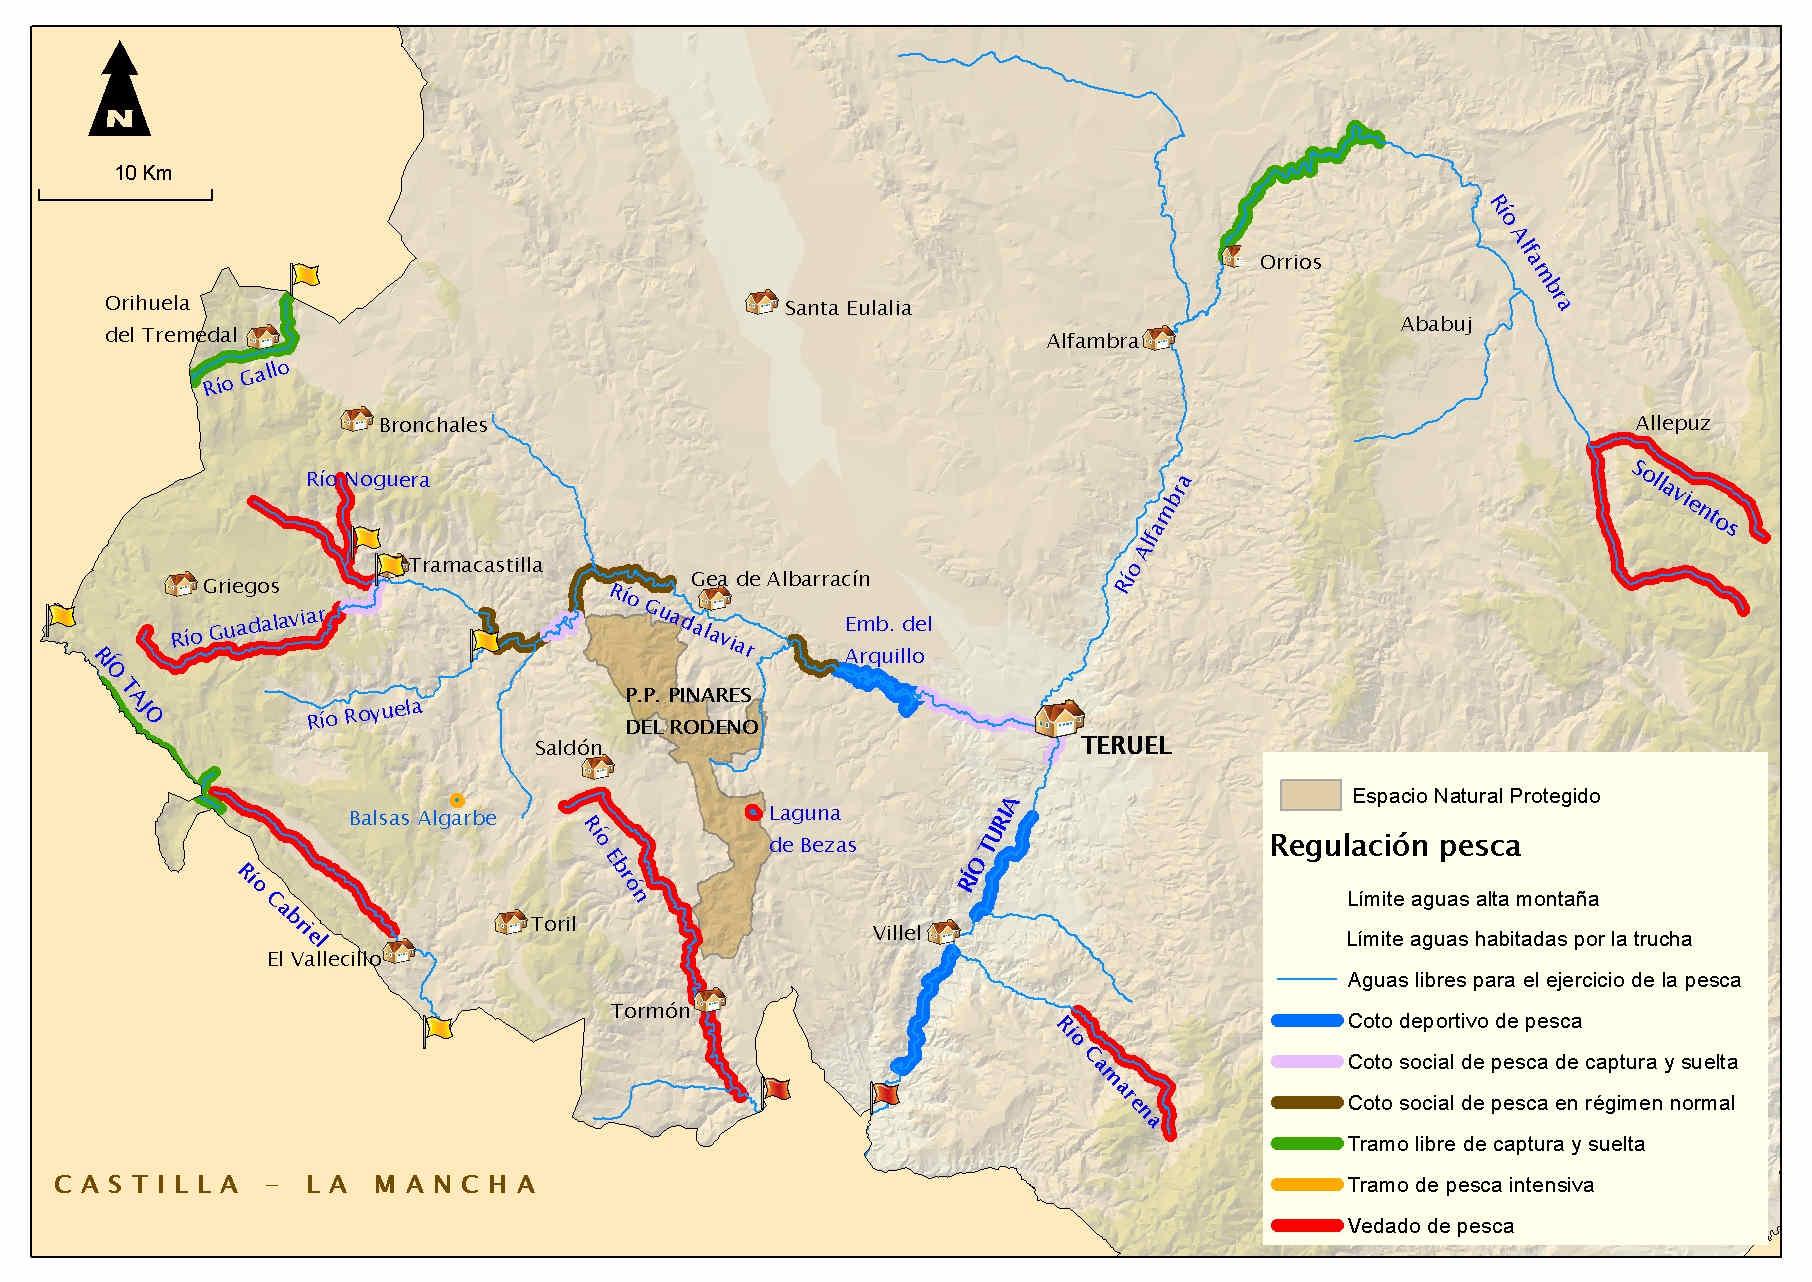 mapa de pesca aragon